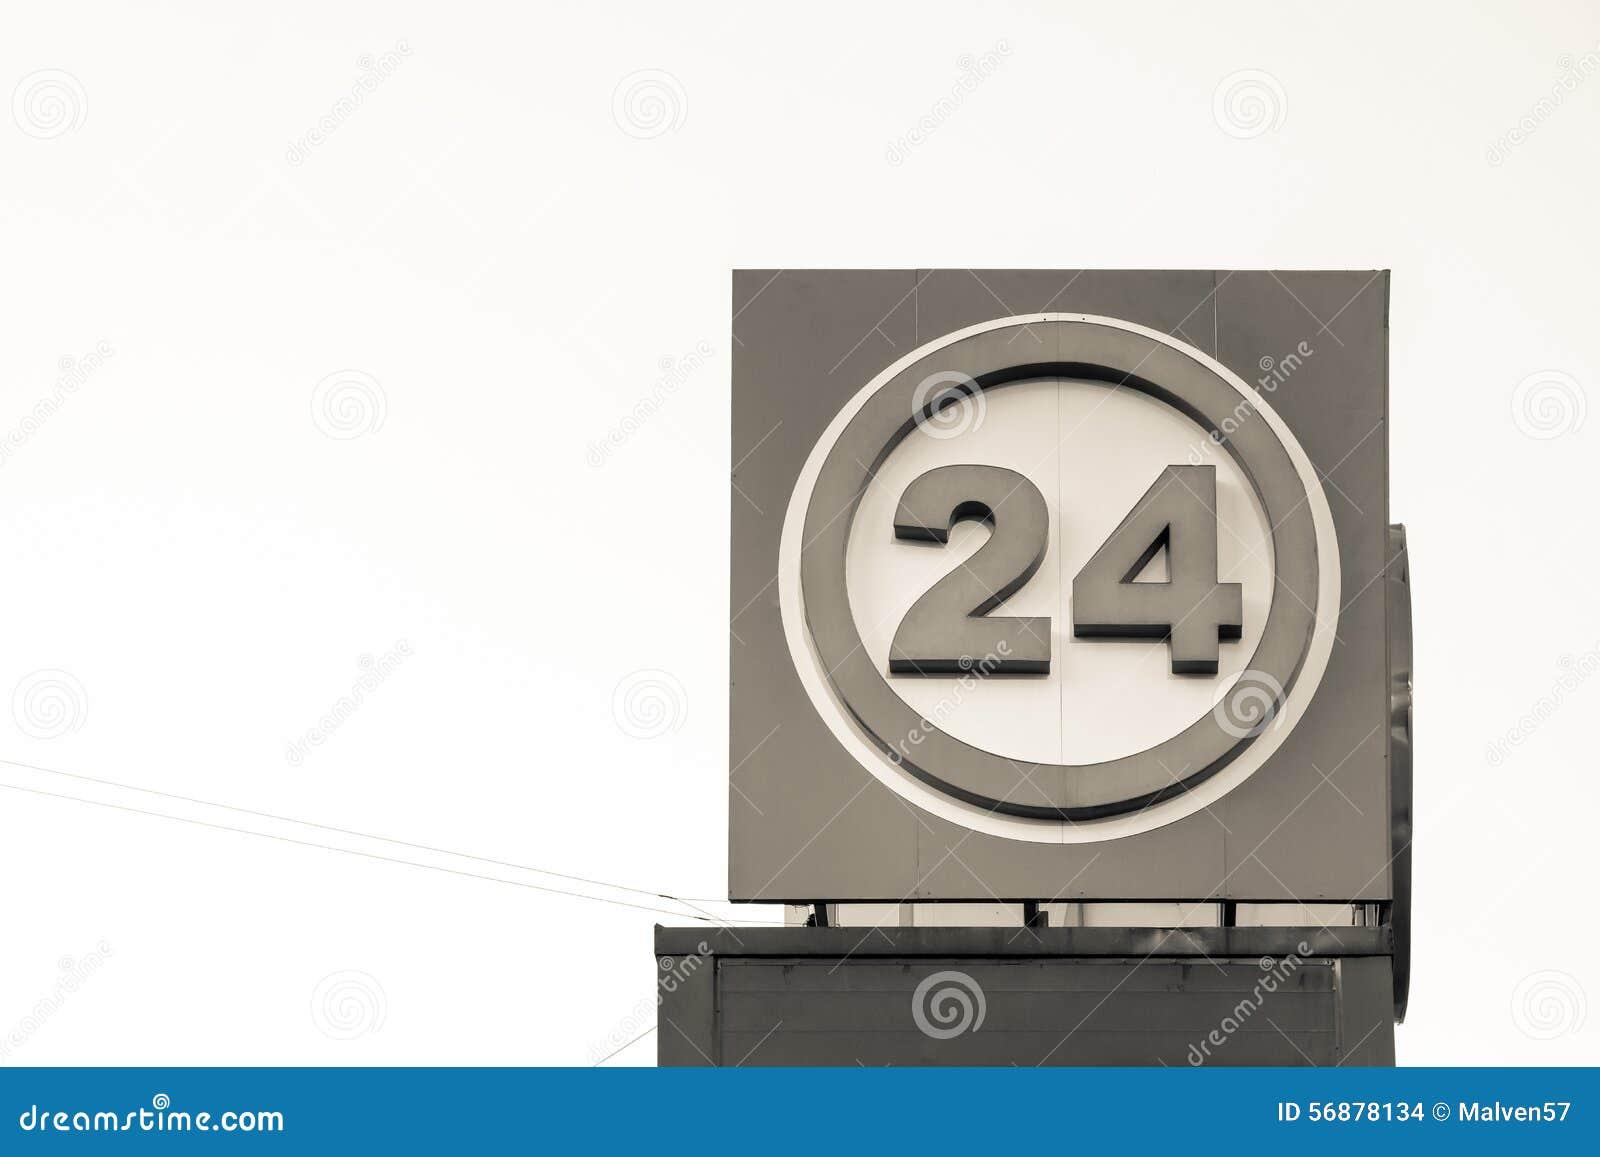 Segnale di informazione di colore beige con il numero 24